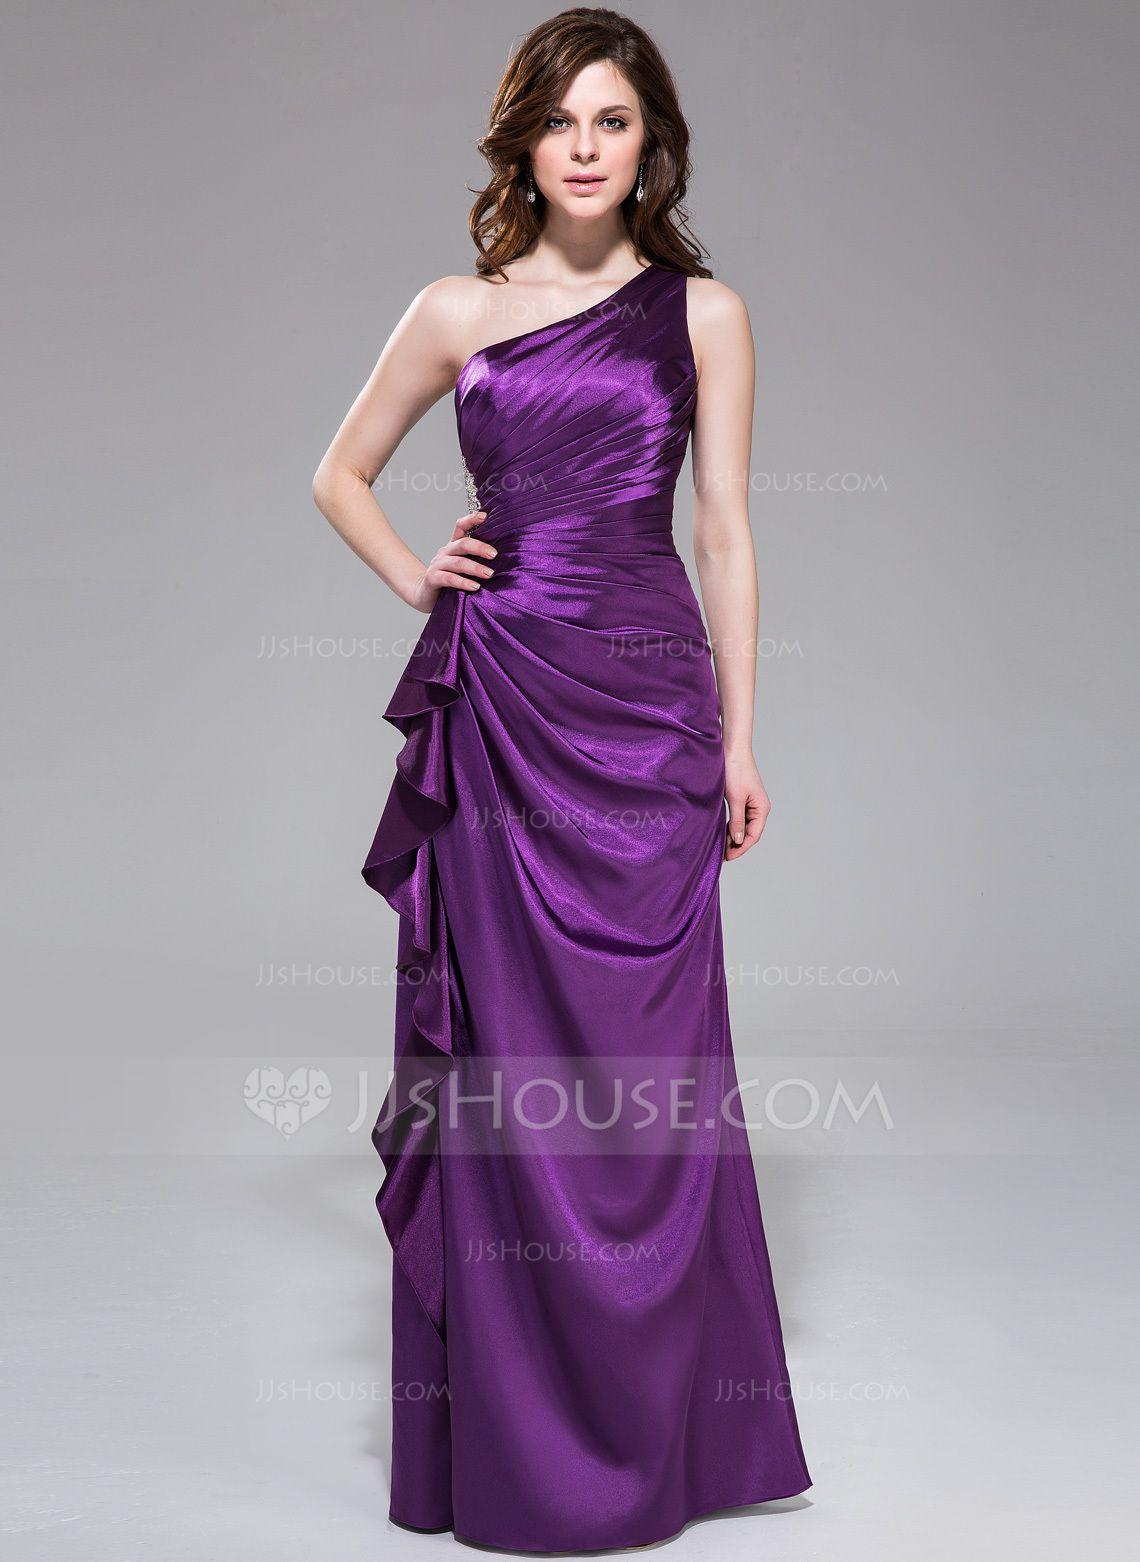 Etui-Linie One-Shoulder-Träger Bodenlang Charmeuse Abendkleid mit Perlen verziert Gestufte Rüschen (007037308) - JJsHouse